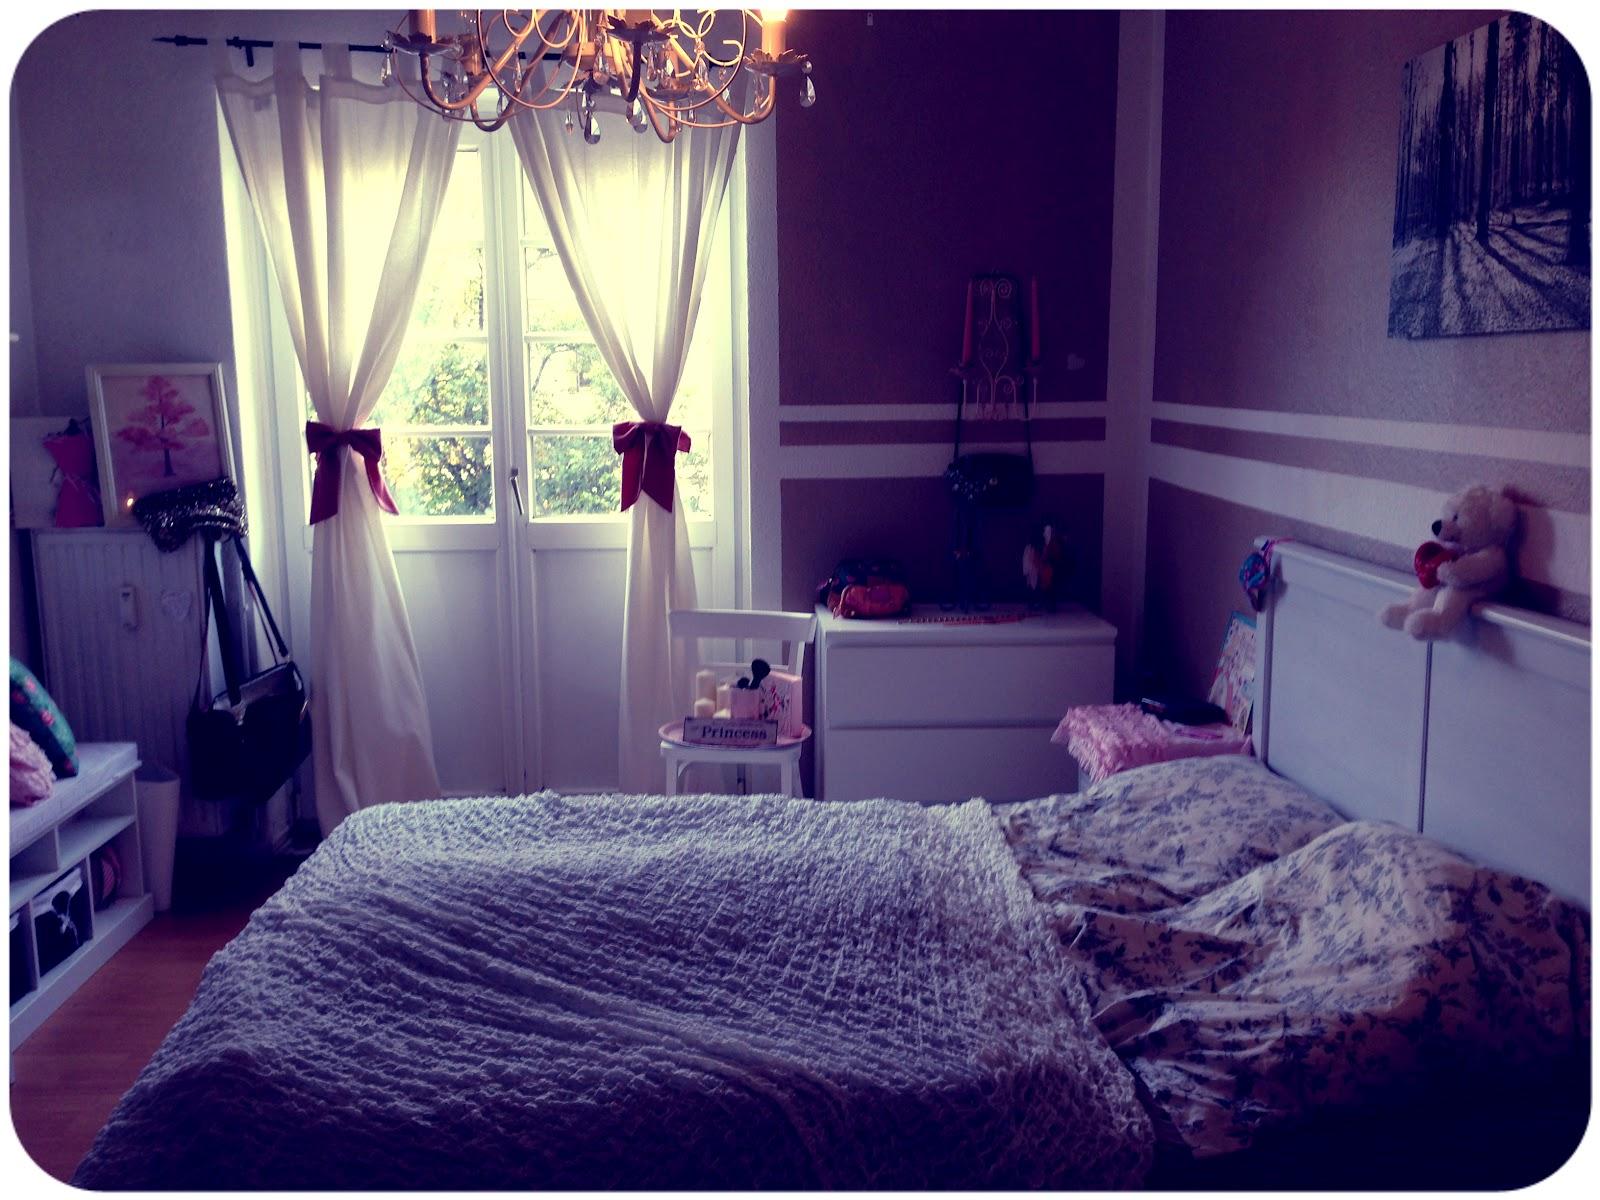 lichterkette schlafzimmer | jtleigh - hausgestaltung ideen, Deko ideen